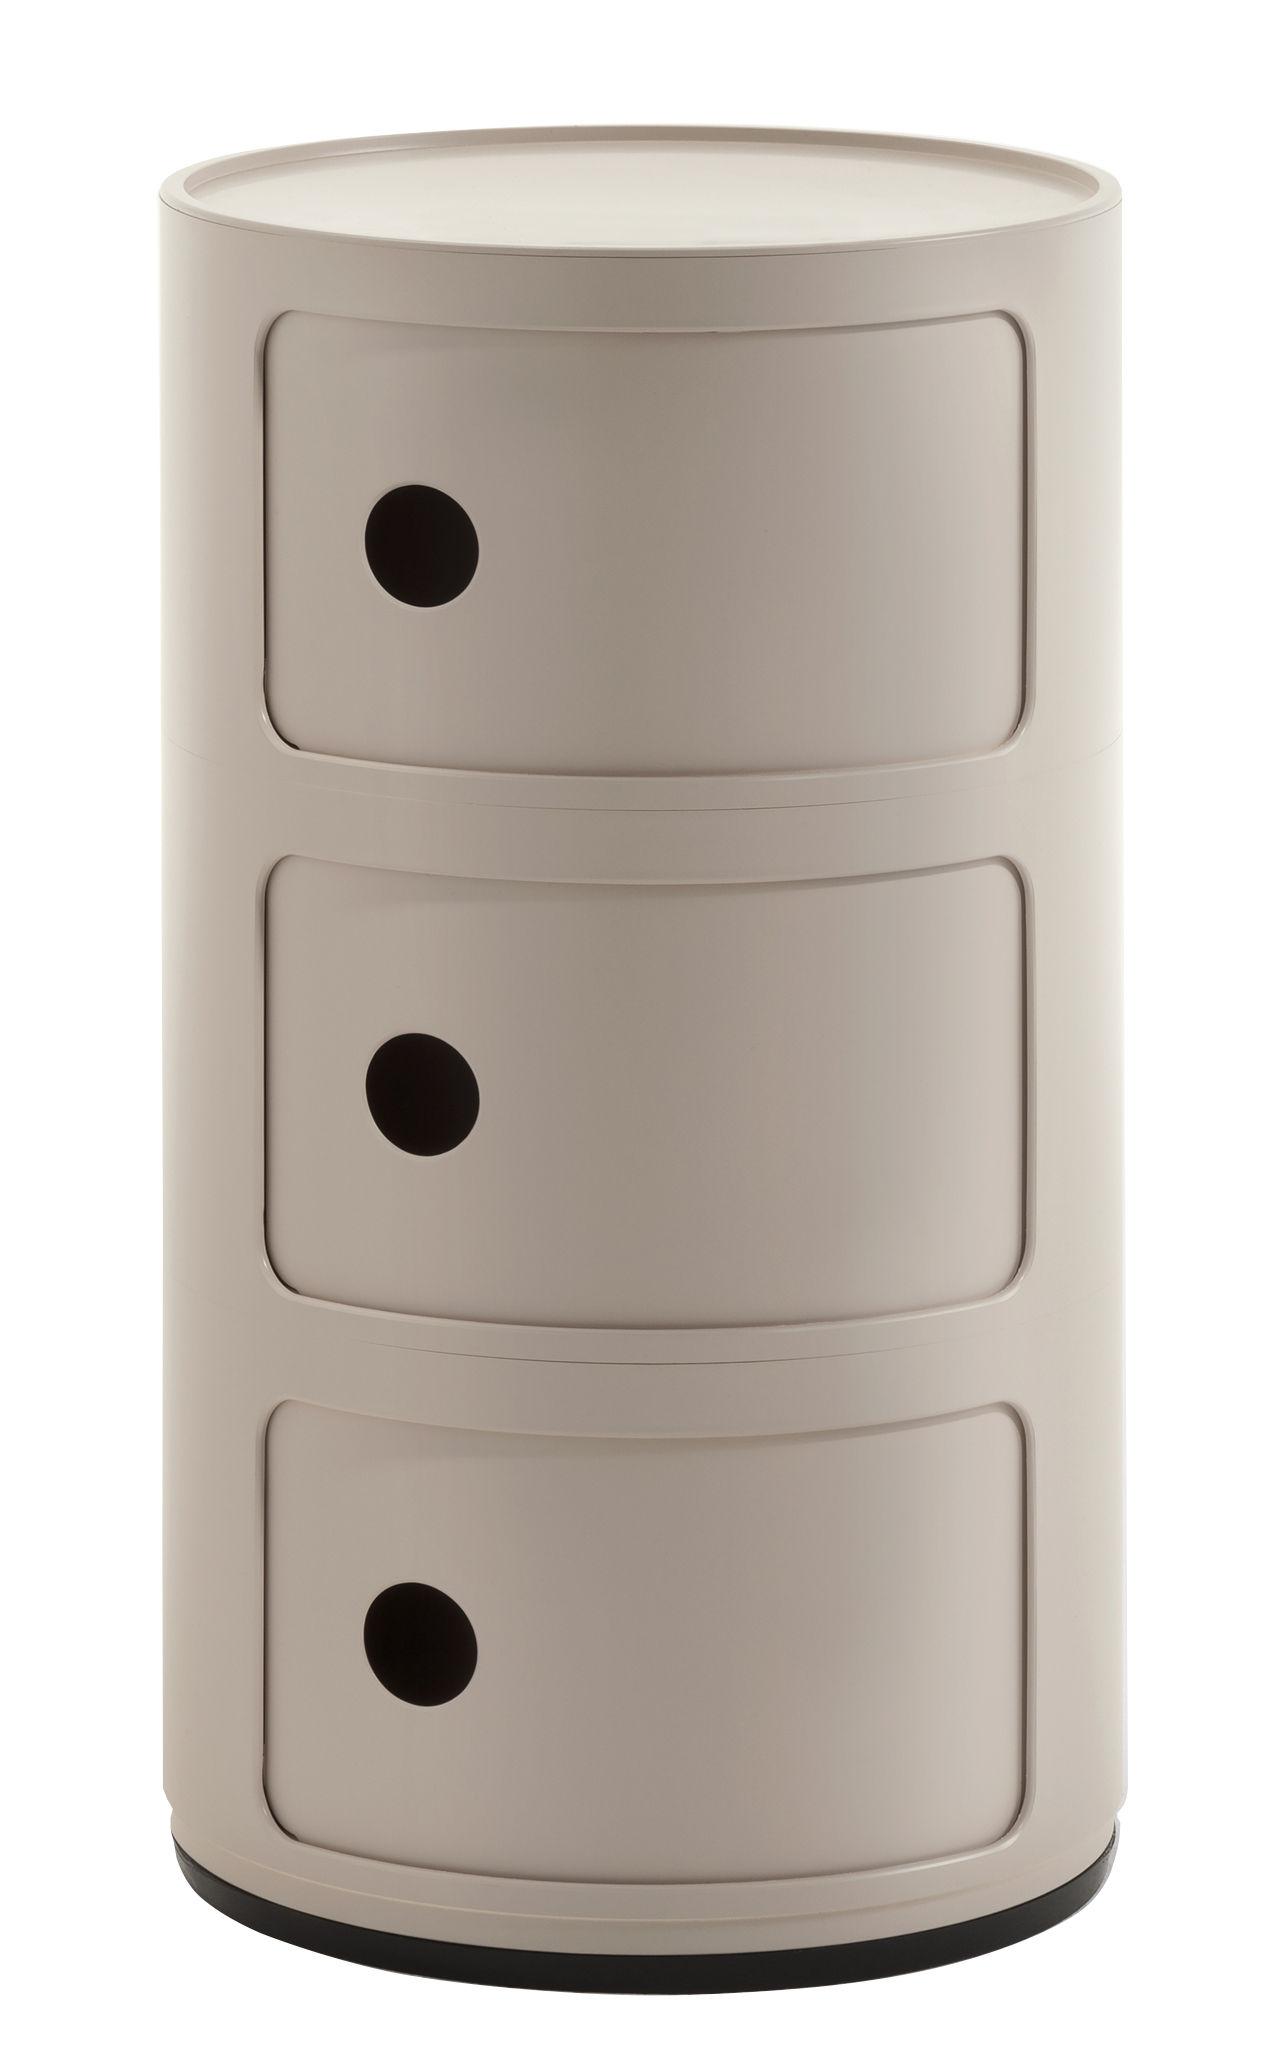 Arredamento - Tavolini  - Portaoggetti Componibili Bio - / 3 cassetti - Materiale naturale & biodegradabile di Kartell - Crema - Bioplastica Bio-On